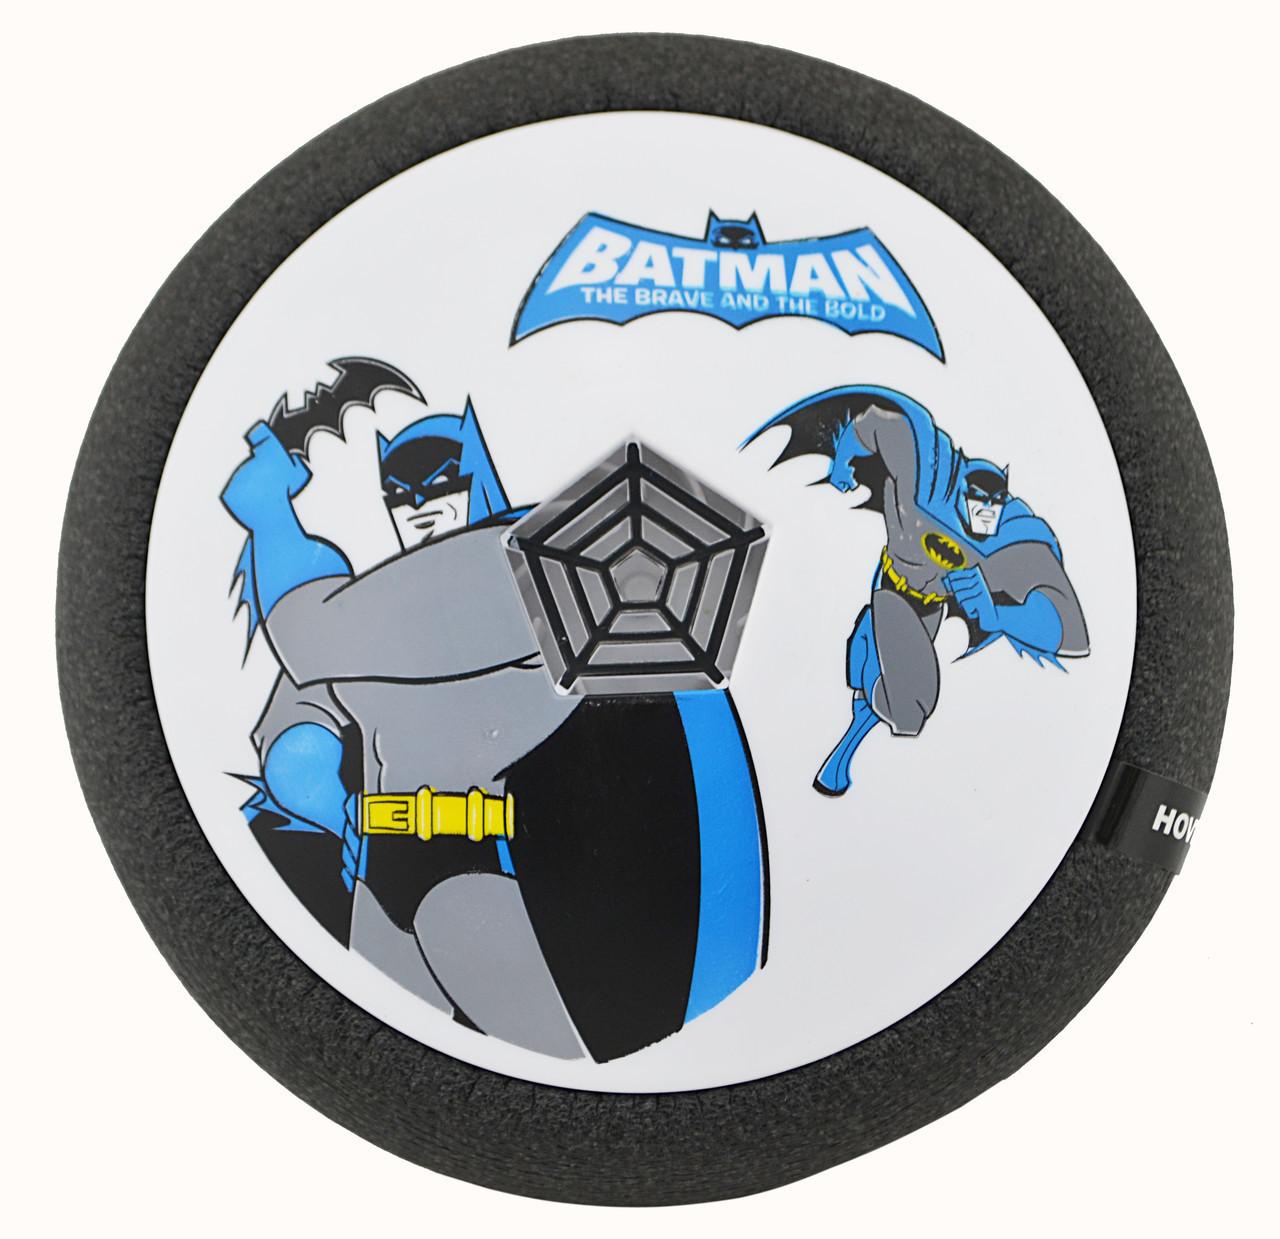 Футбольный мяч футболайзер для дома с подсветкой и музыкой Hoverball Batman